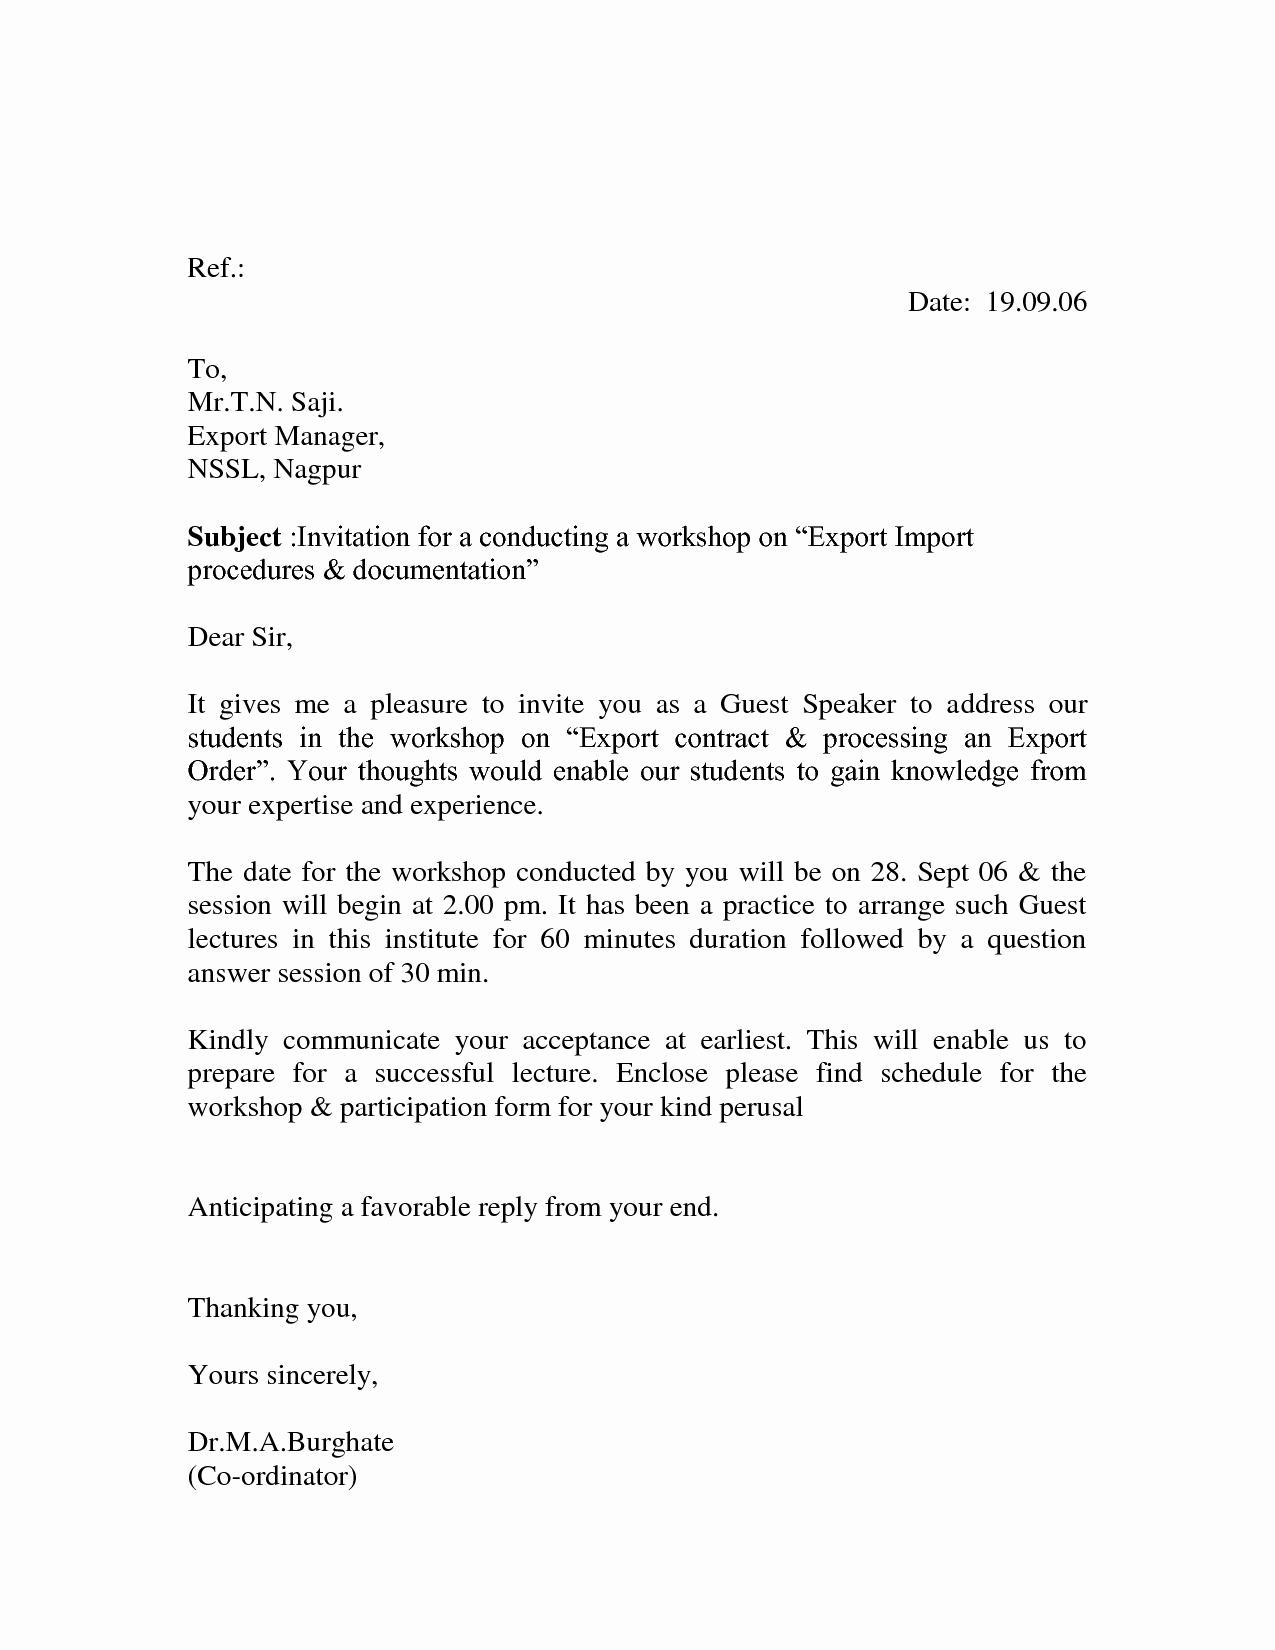 Invitation Letter for Speaker Awesome Fresh and New Design Midwestallstars